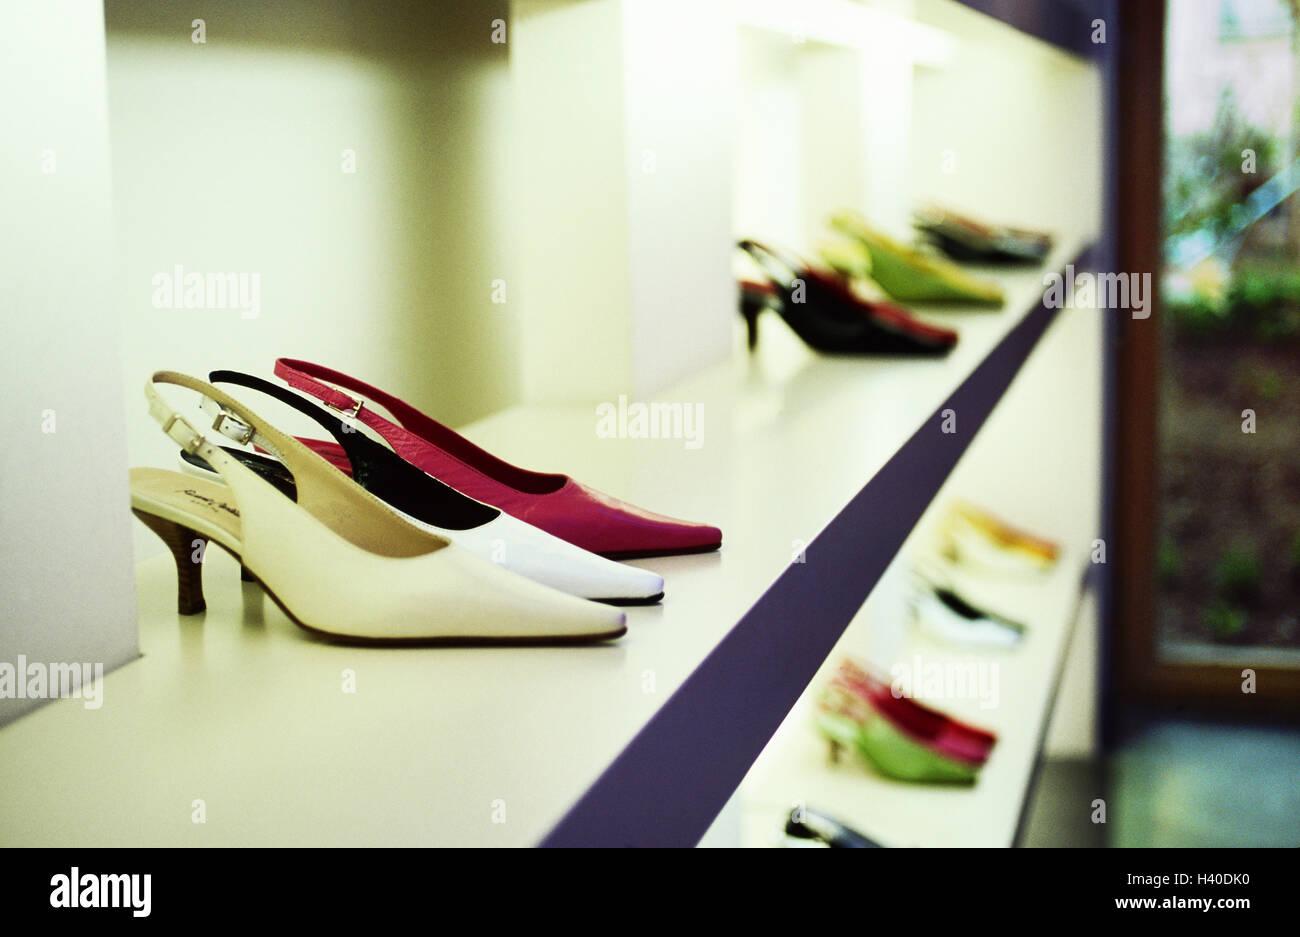 Shoe store, shelves, women's shoes, shoe boutique, shoe shop, shoes, summer shoes, women's shoes, pumps, - Stock Image